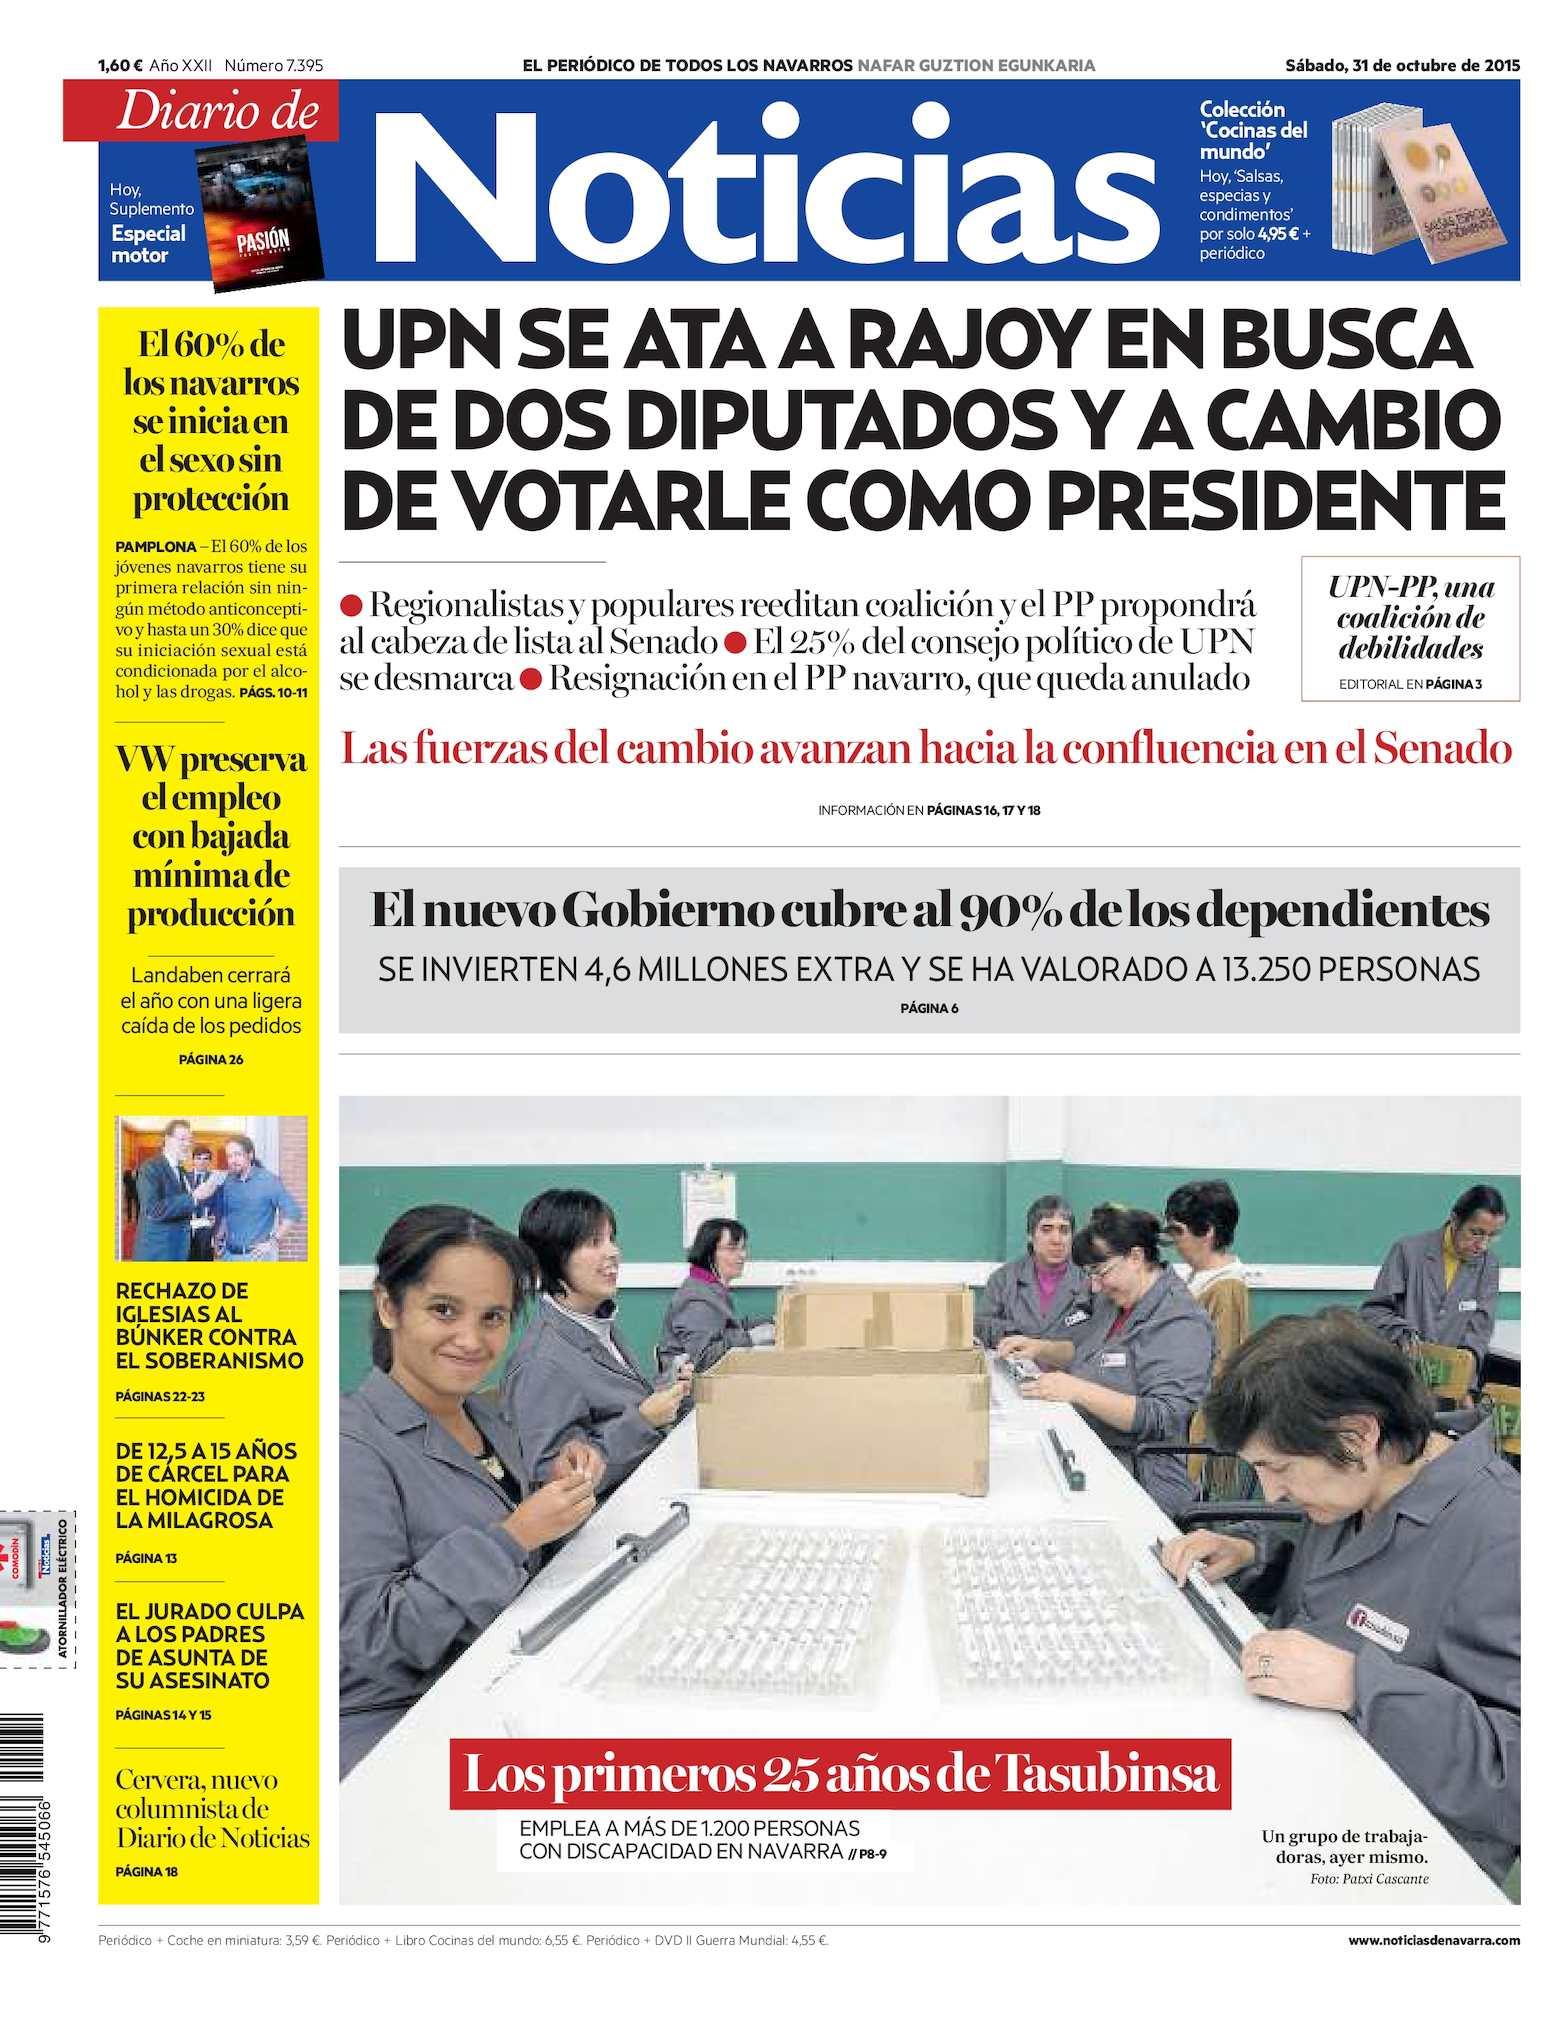 633856e81e Calaméo - Diario de Noticias 20151031